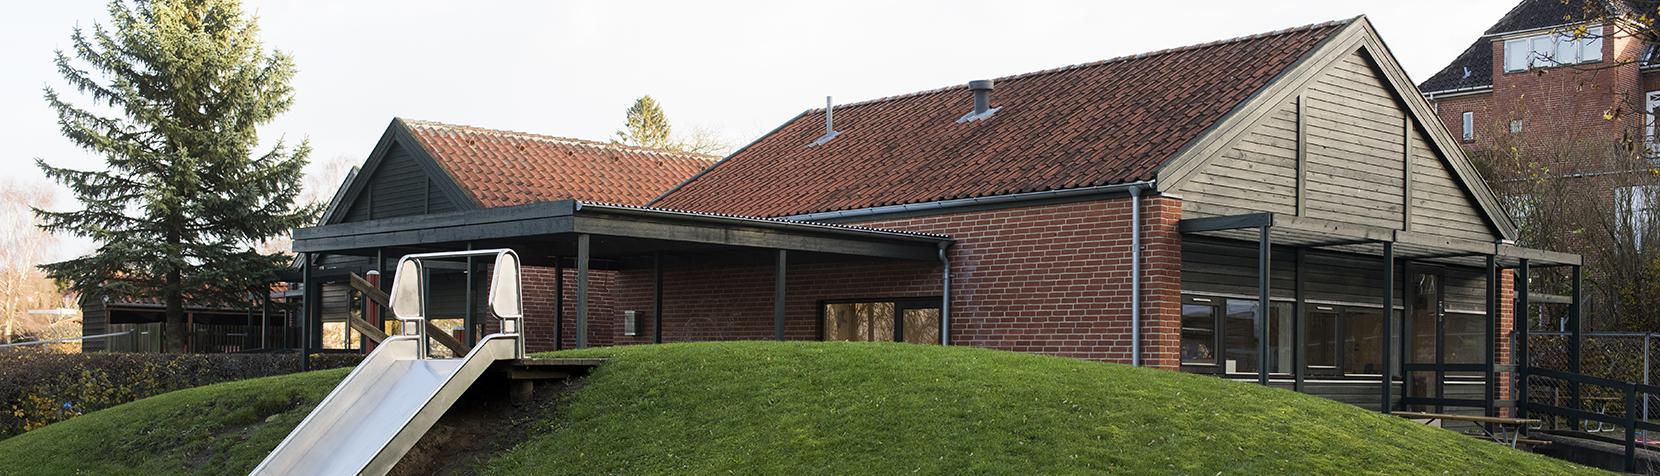 Børnehuset Rudegårds Allé